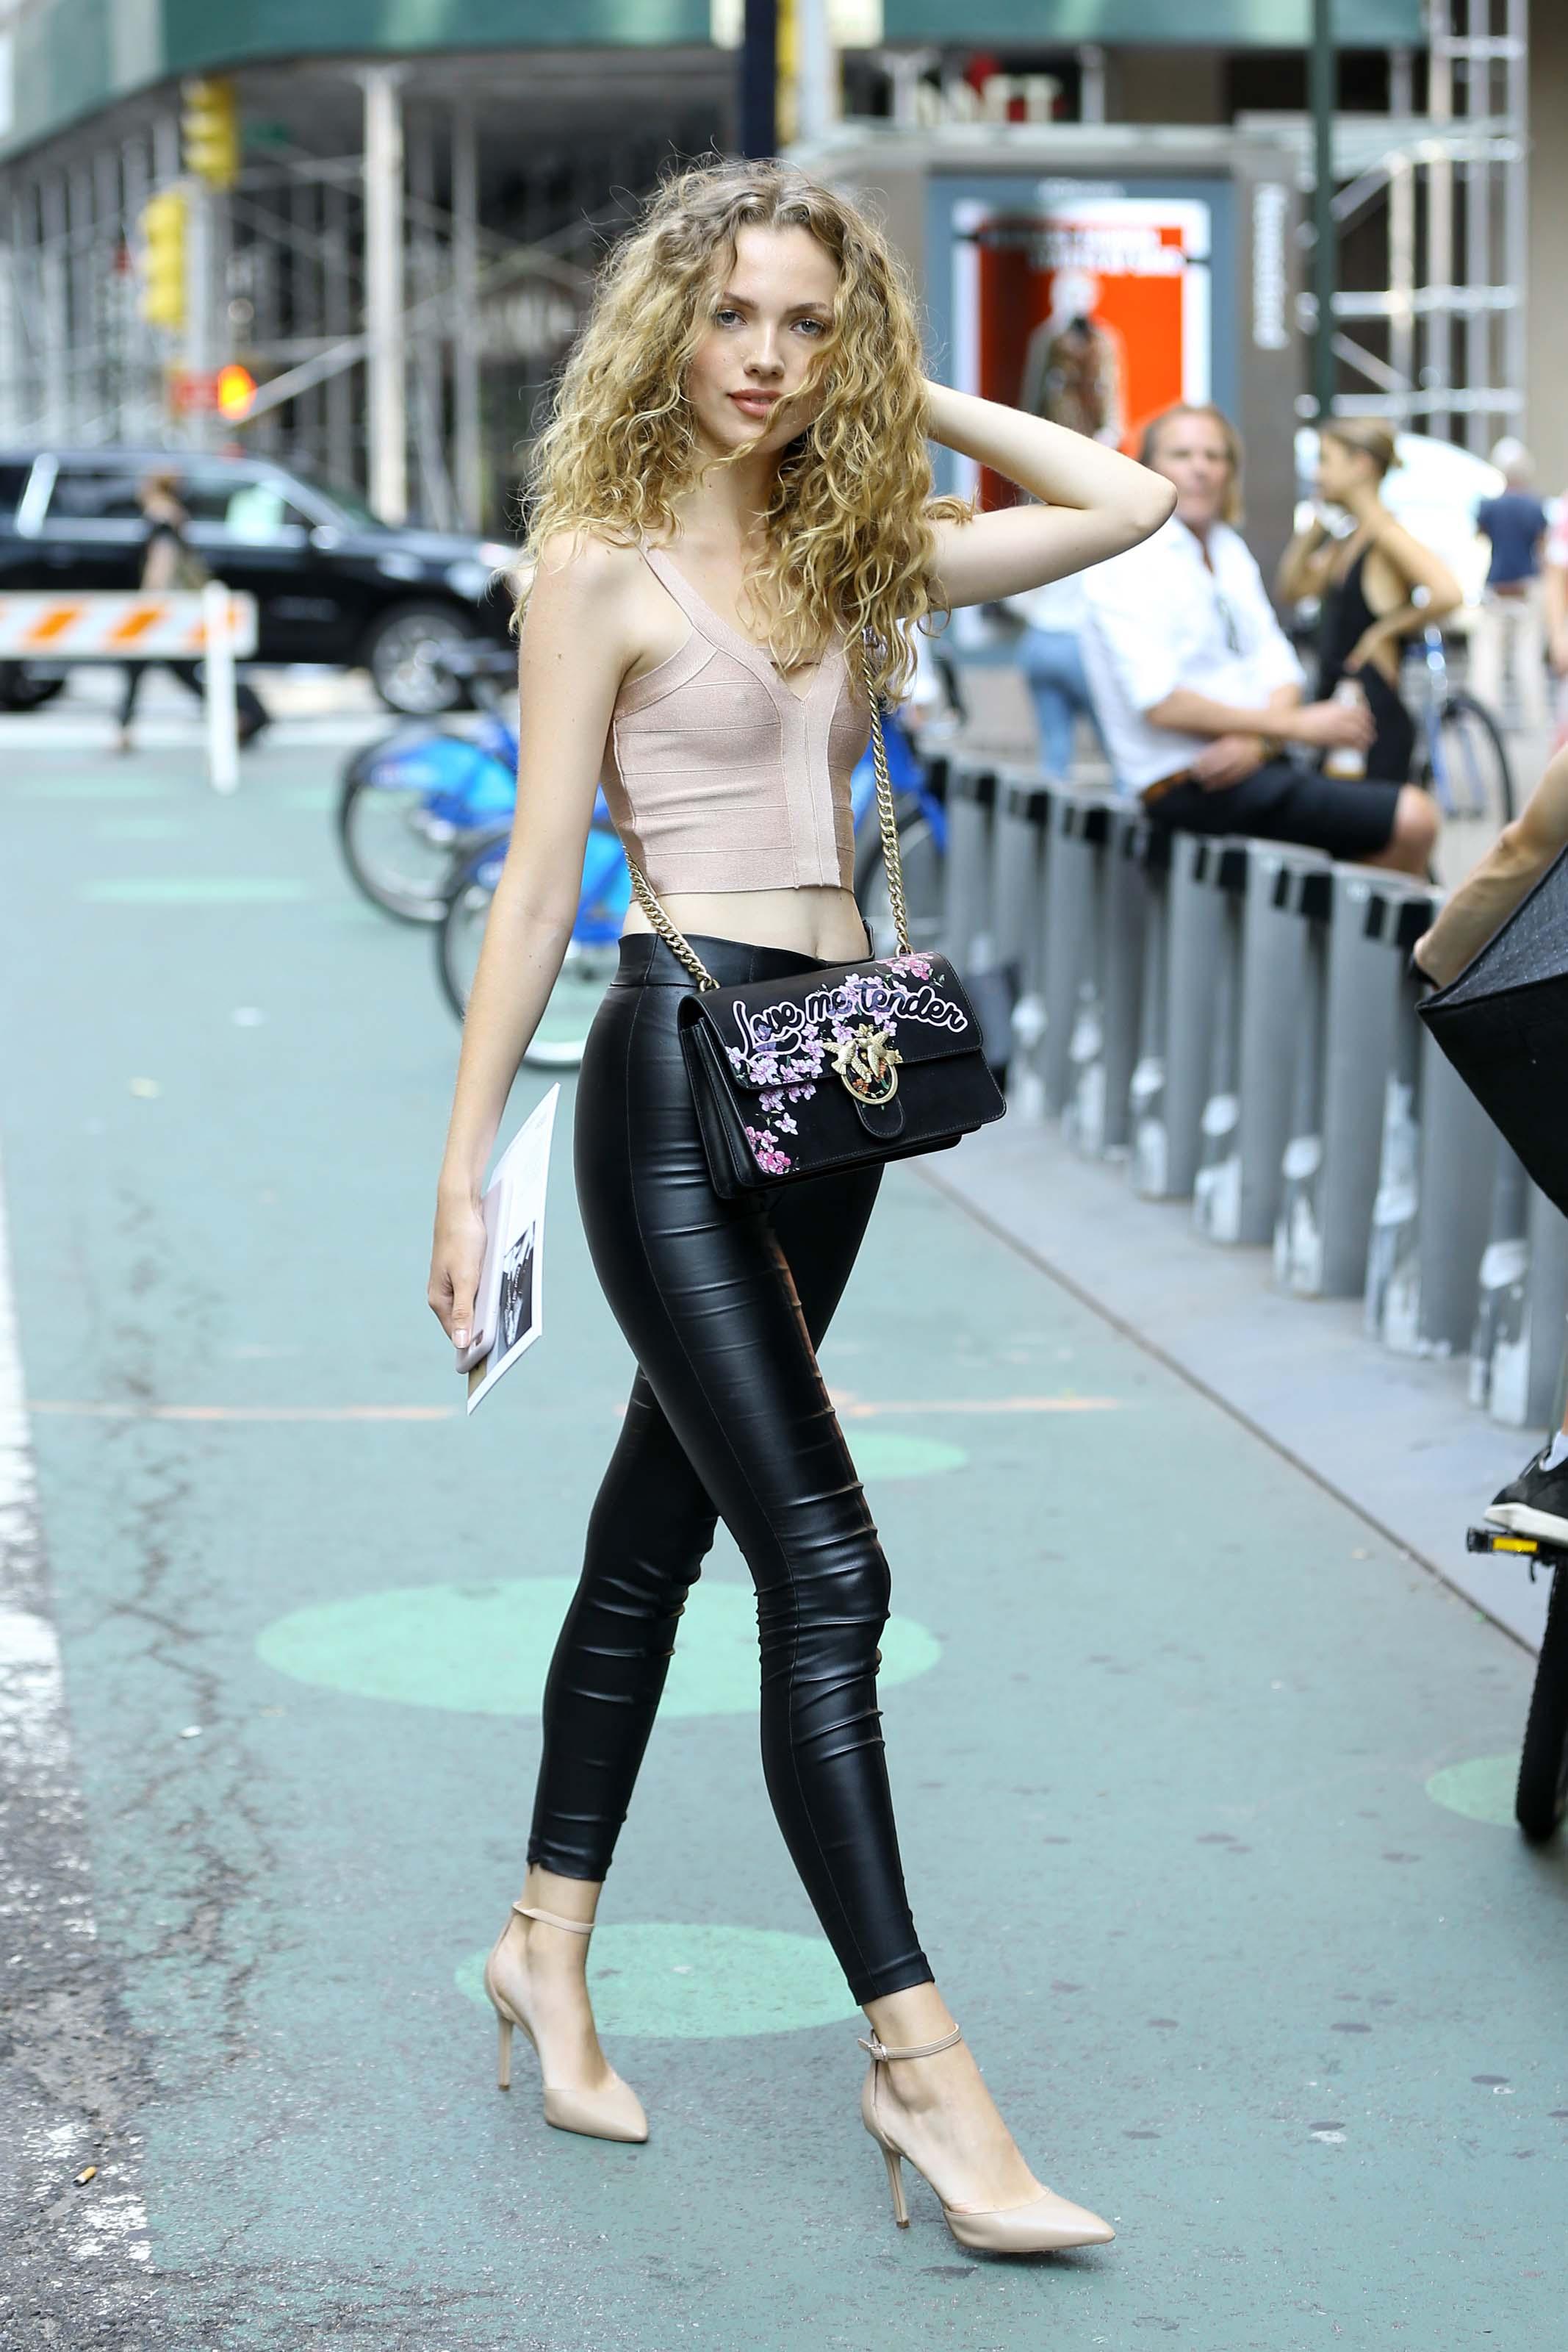 Tanya Kizko attends callbacks for the Victoria's Secret Fashion Show